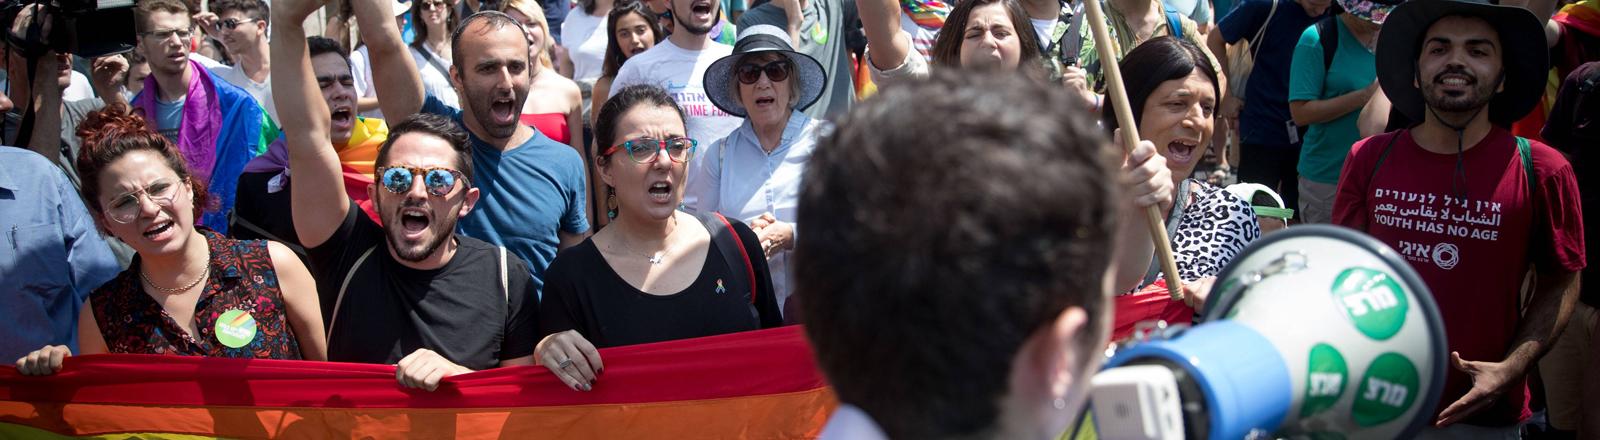 Menschen mit Regenbogenfahne demonstrieren.